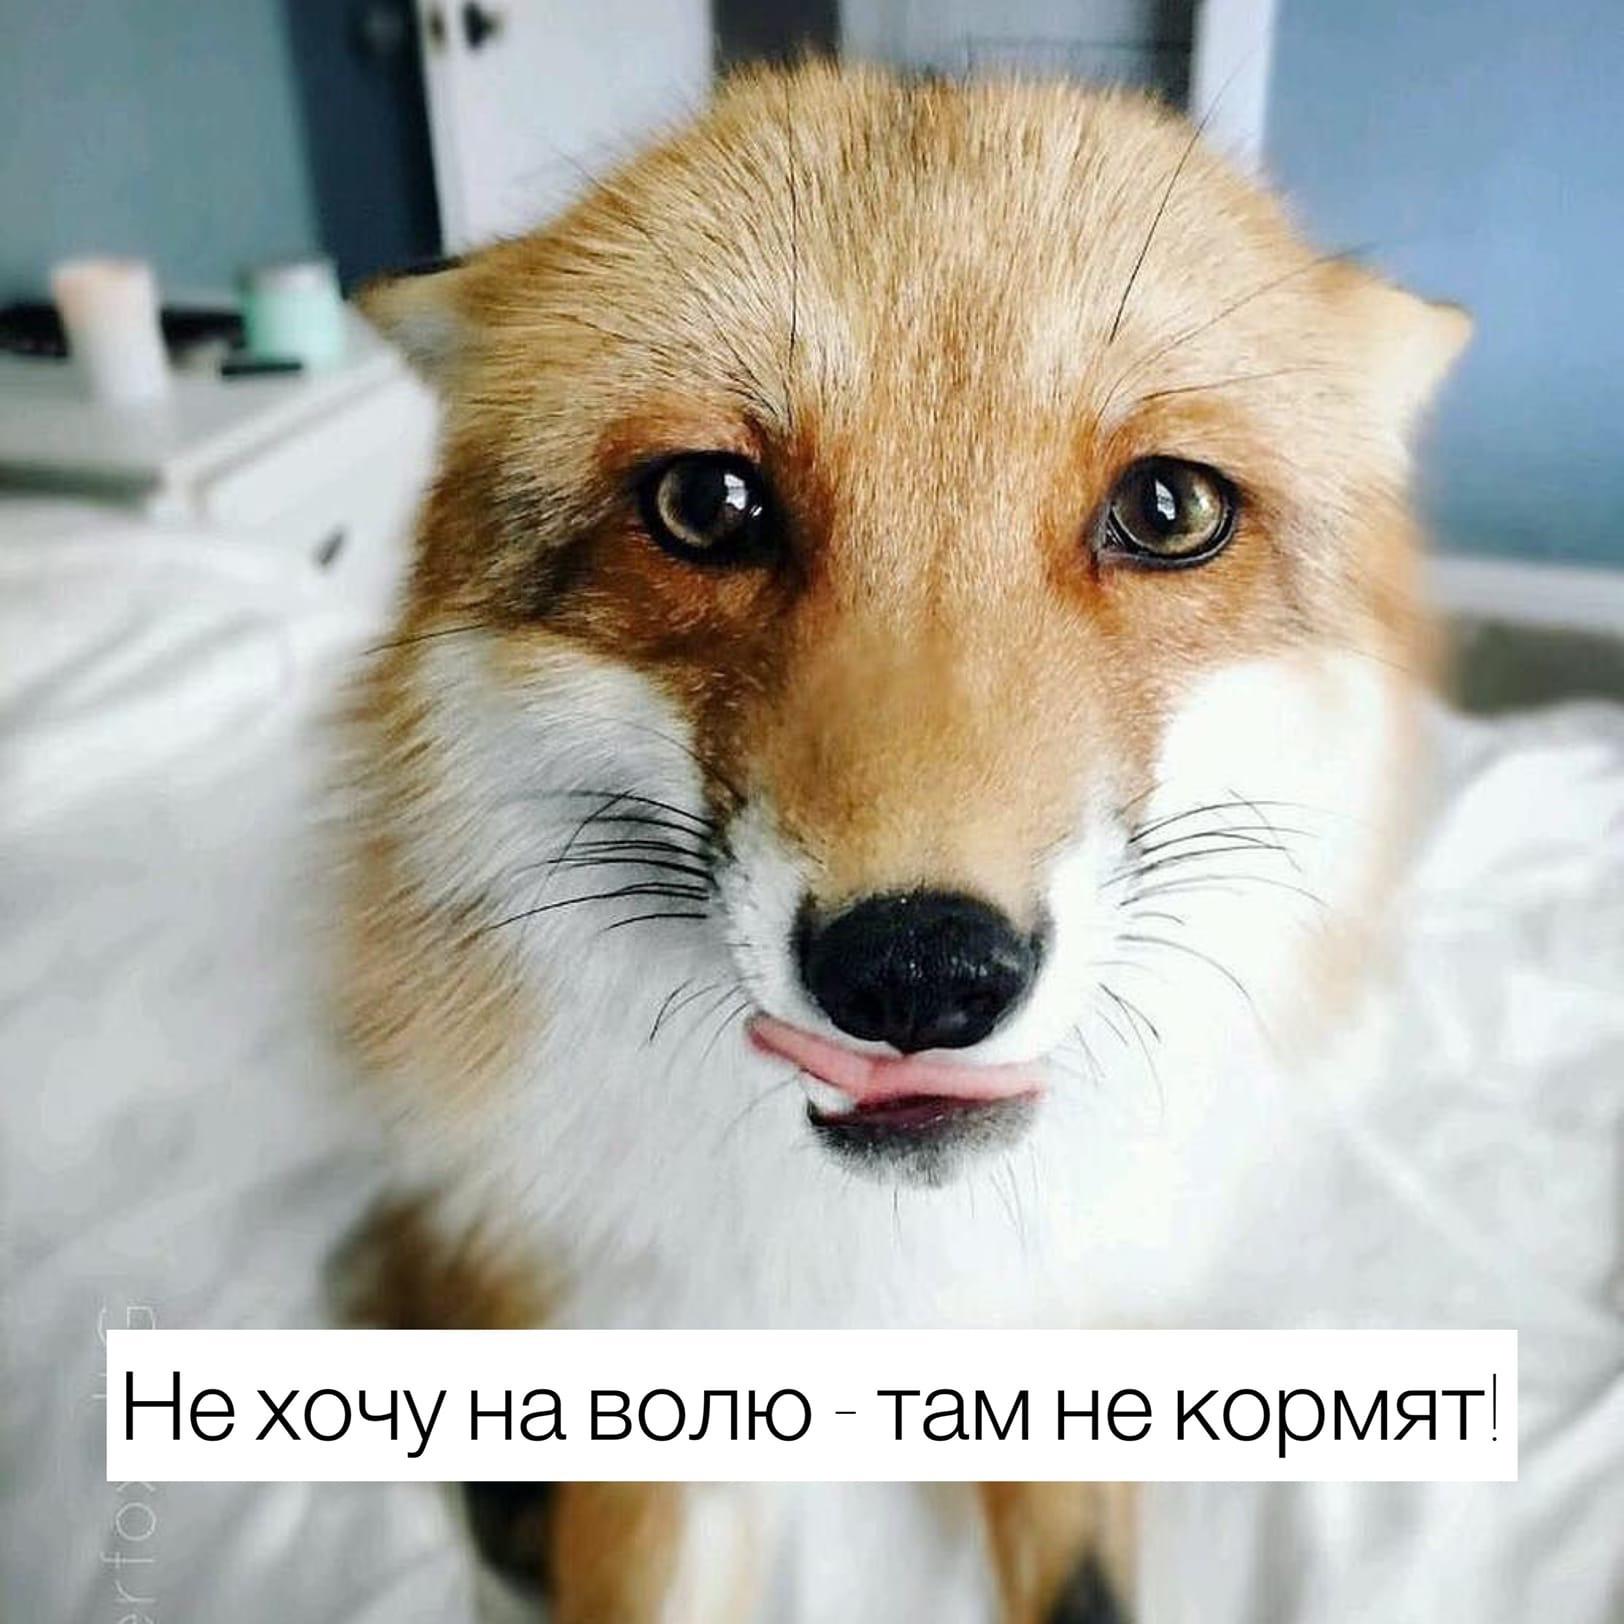 Россиянам запрещено держать дома лисиц — Верховный суд РФ